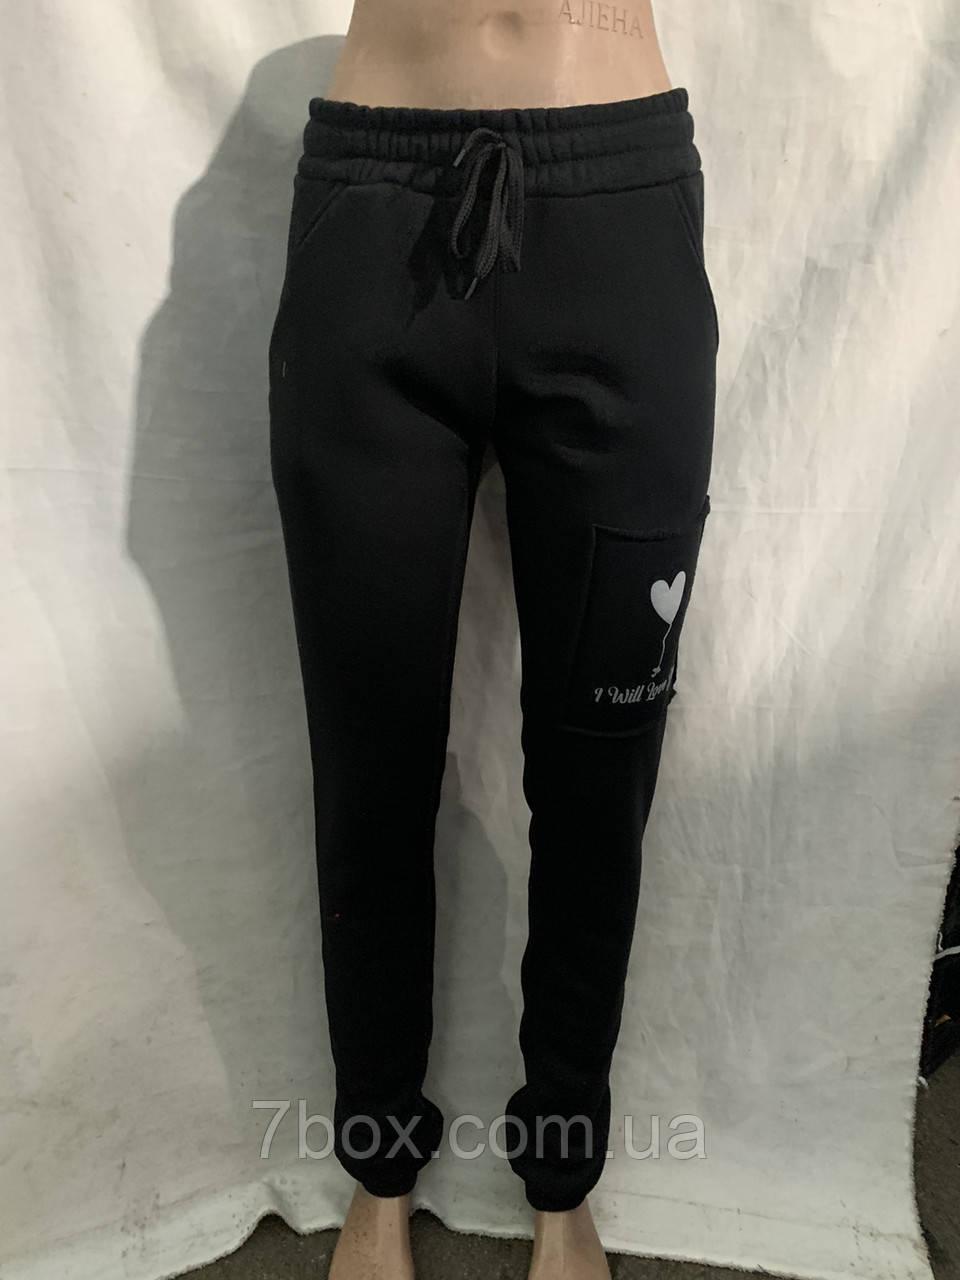 Спортивные женские теплые штаны оптом рр. 42 44 46 48 50